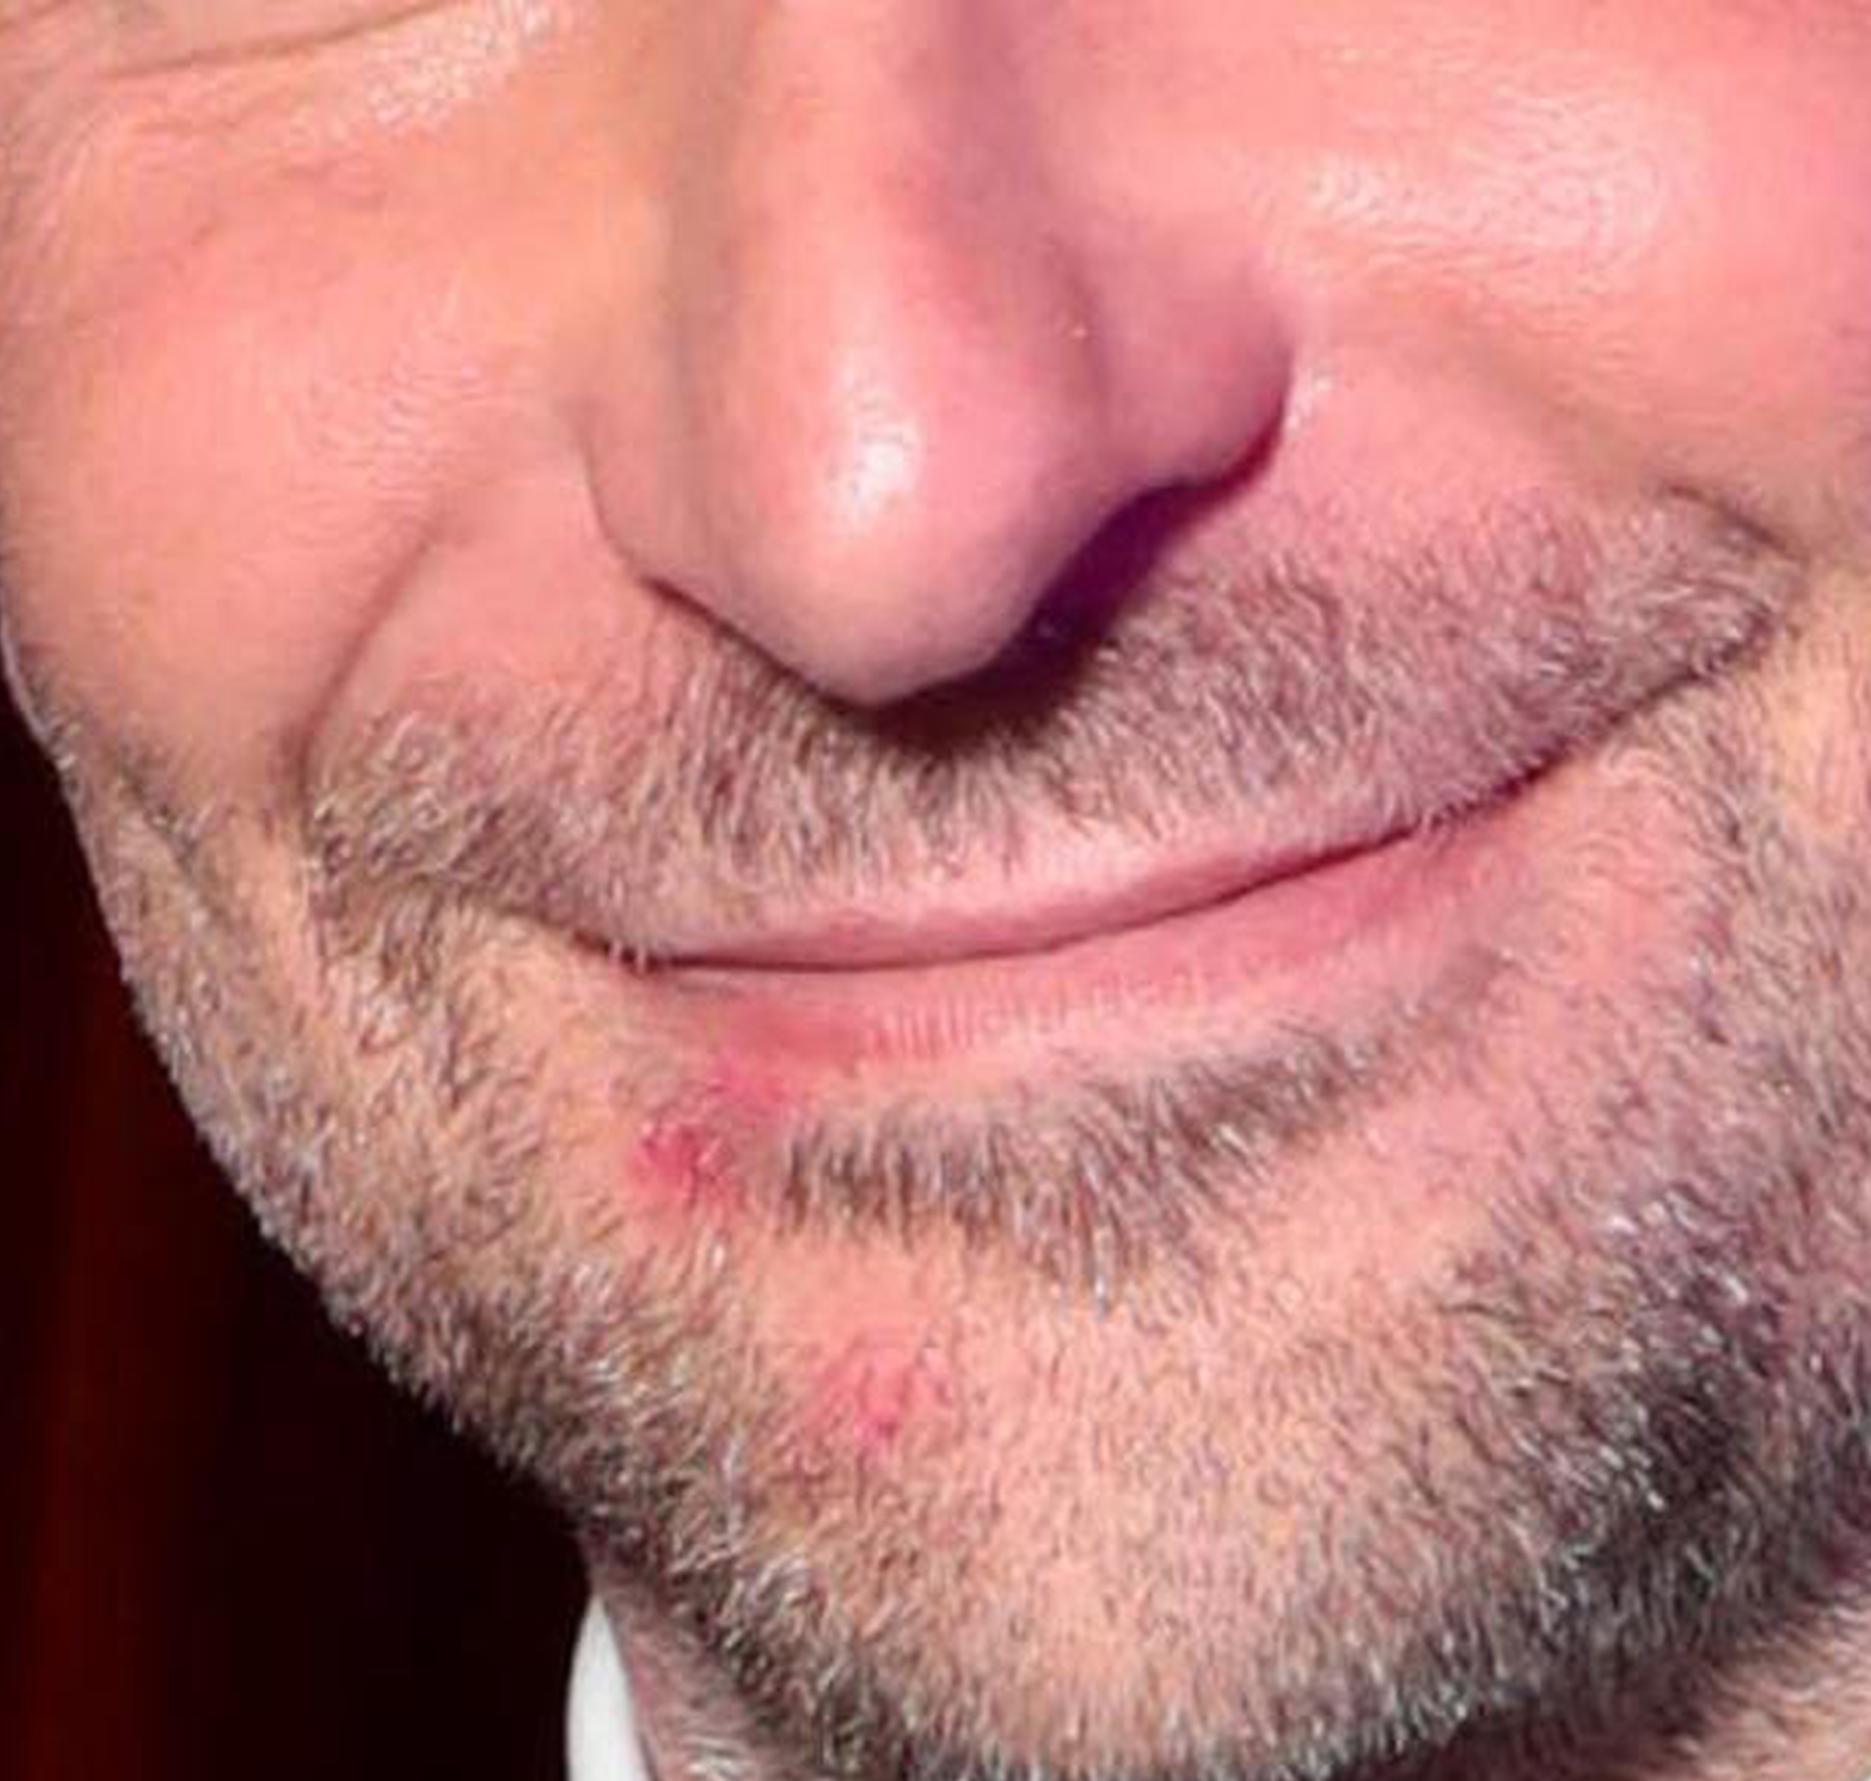 布莱德利·库珀嘴角的口红印